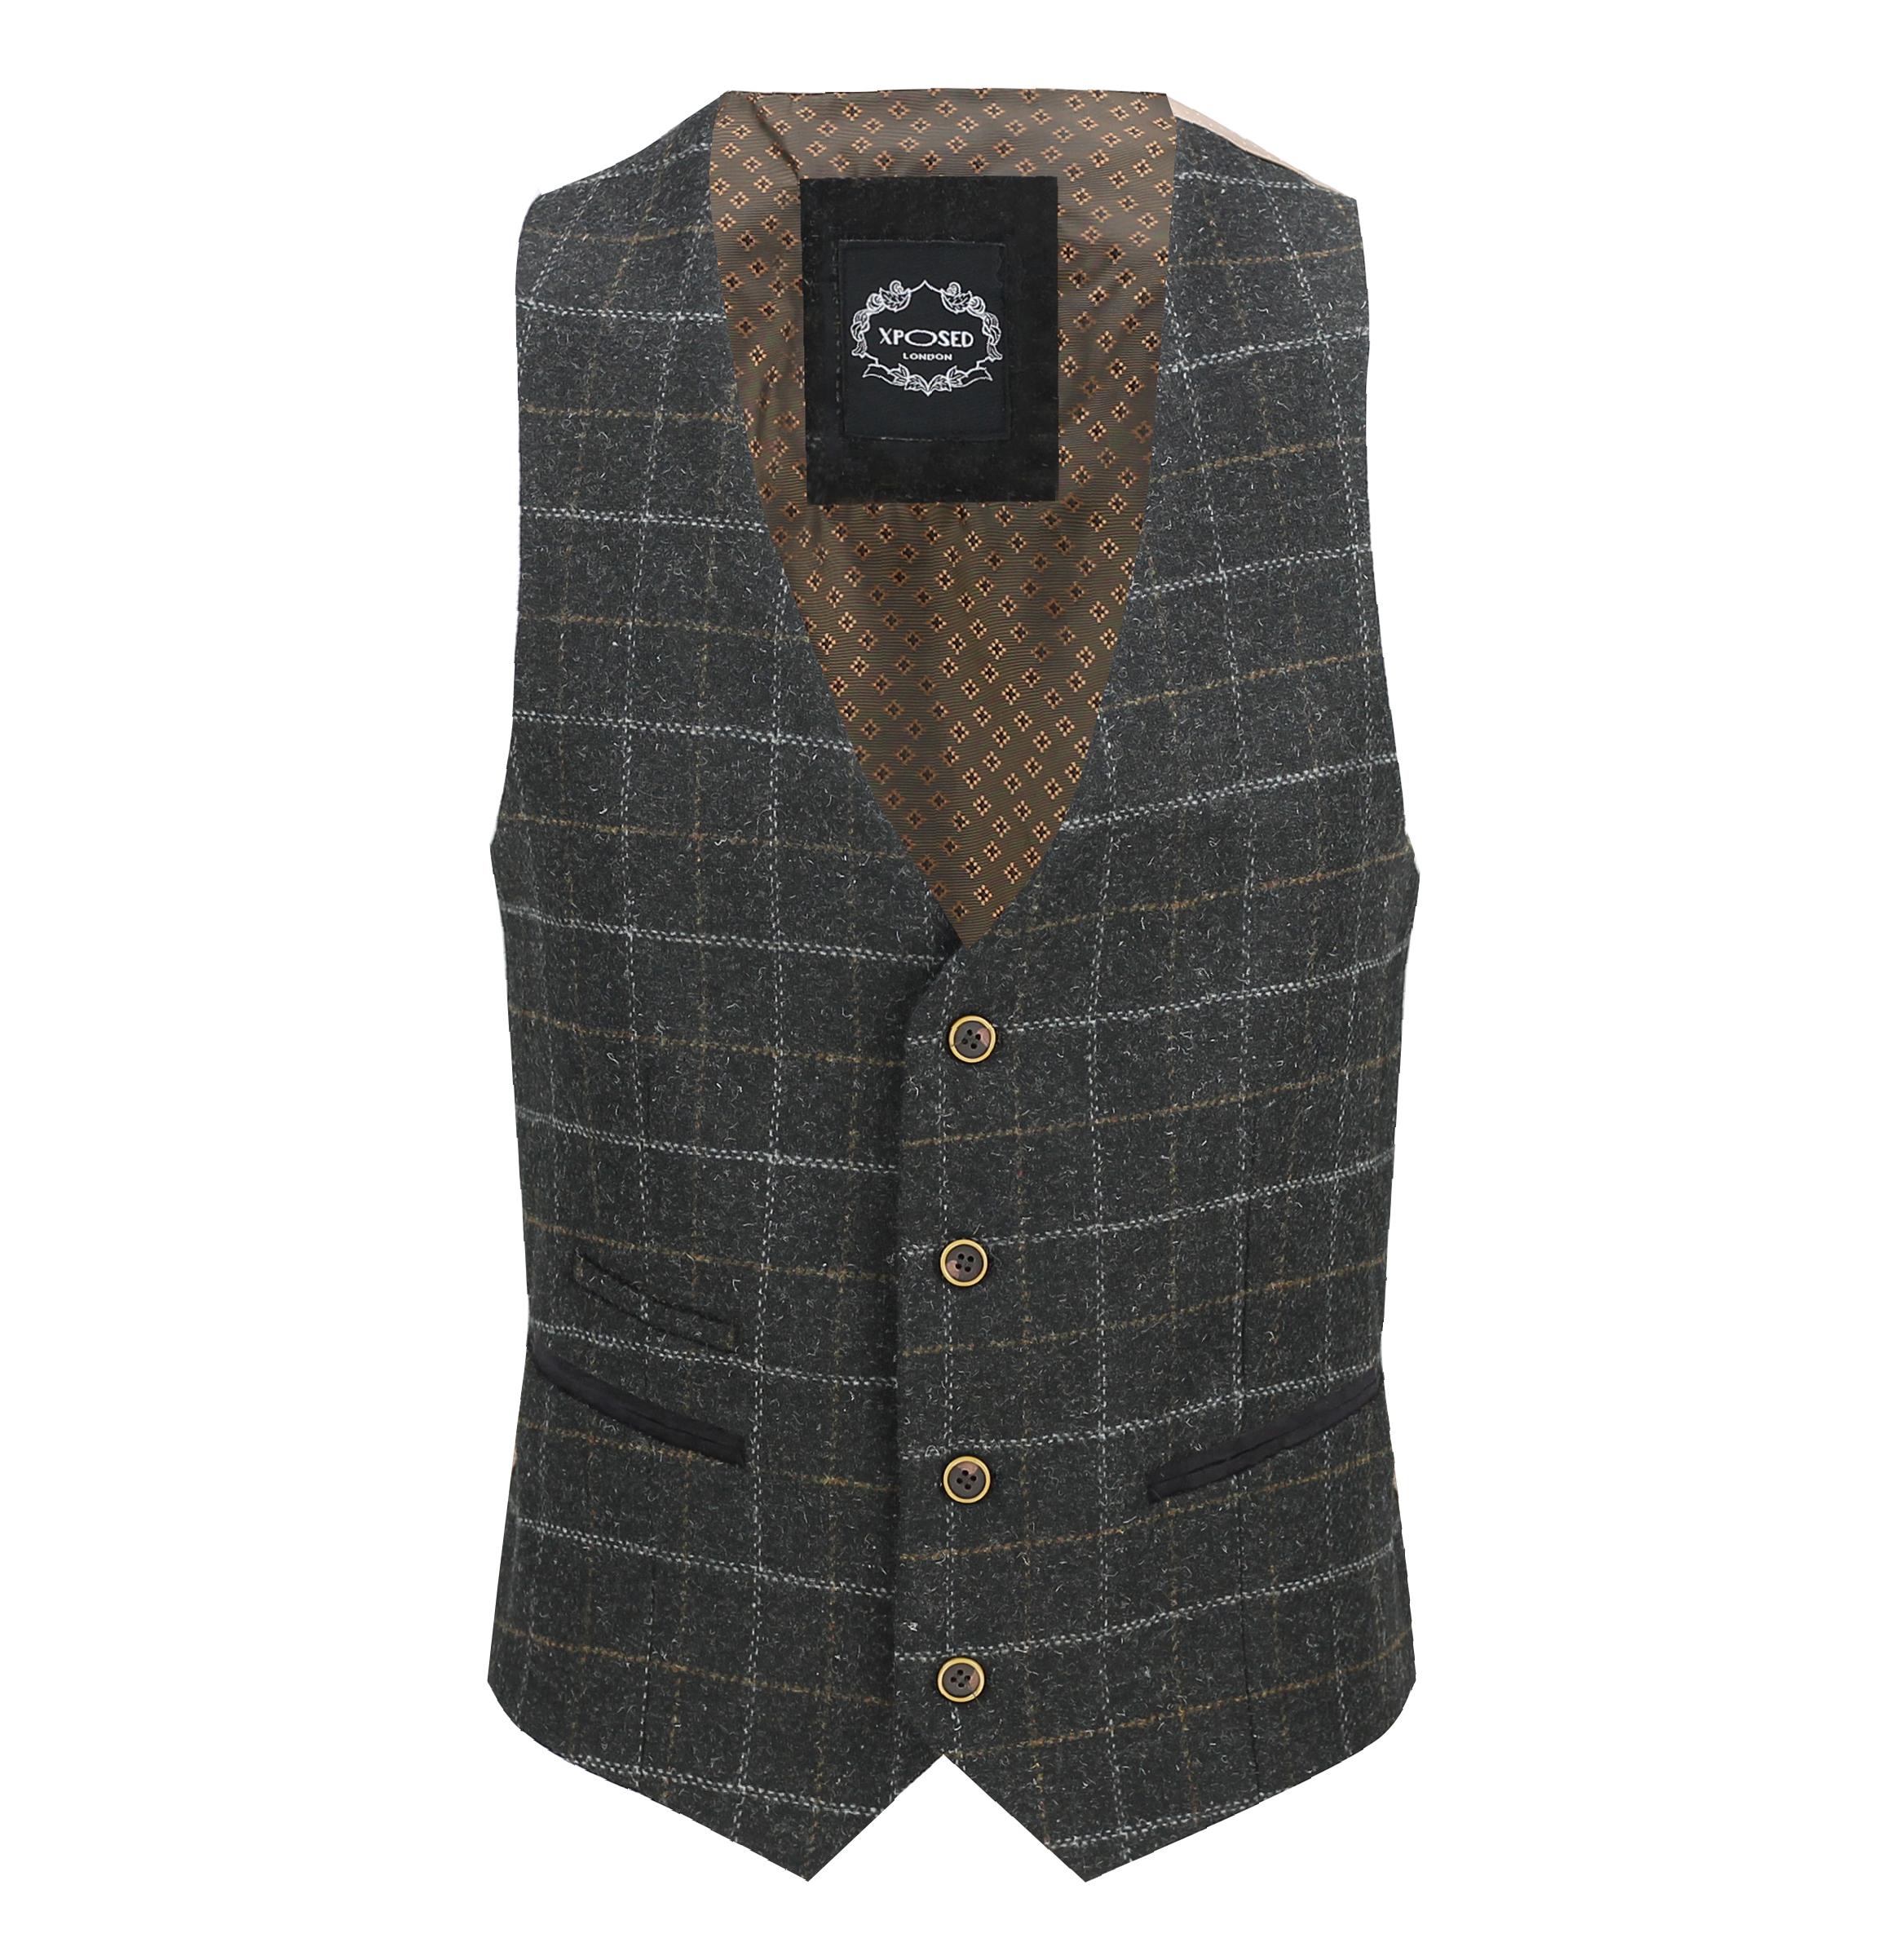 Mens-Vintage-Tweed-Check-Herringbone-Waistcoat-Casual-Retro-Grey-Brown-Green miniatuur 3